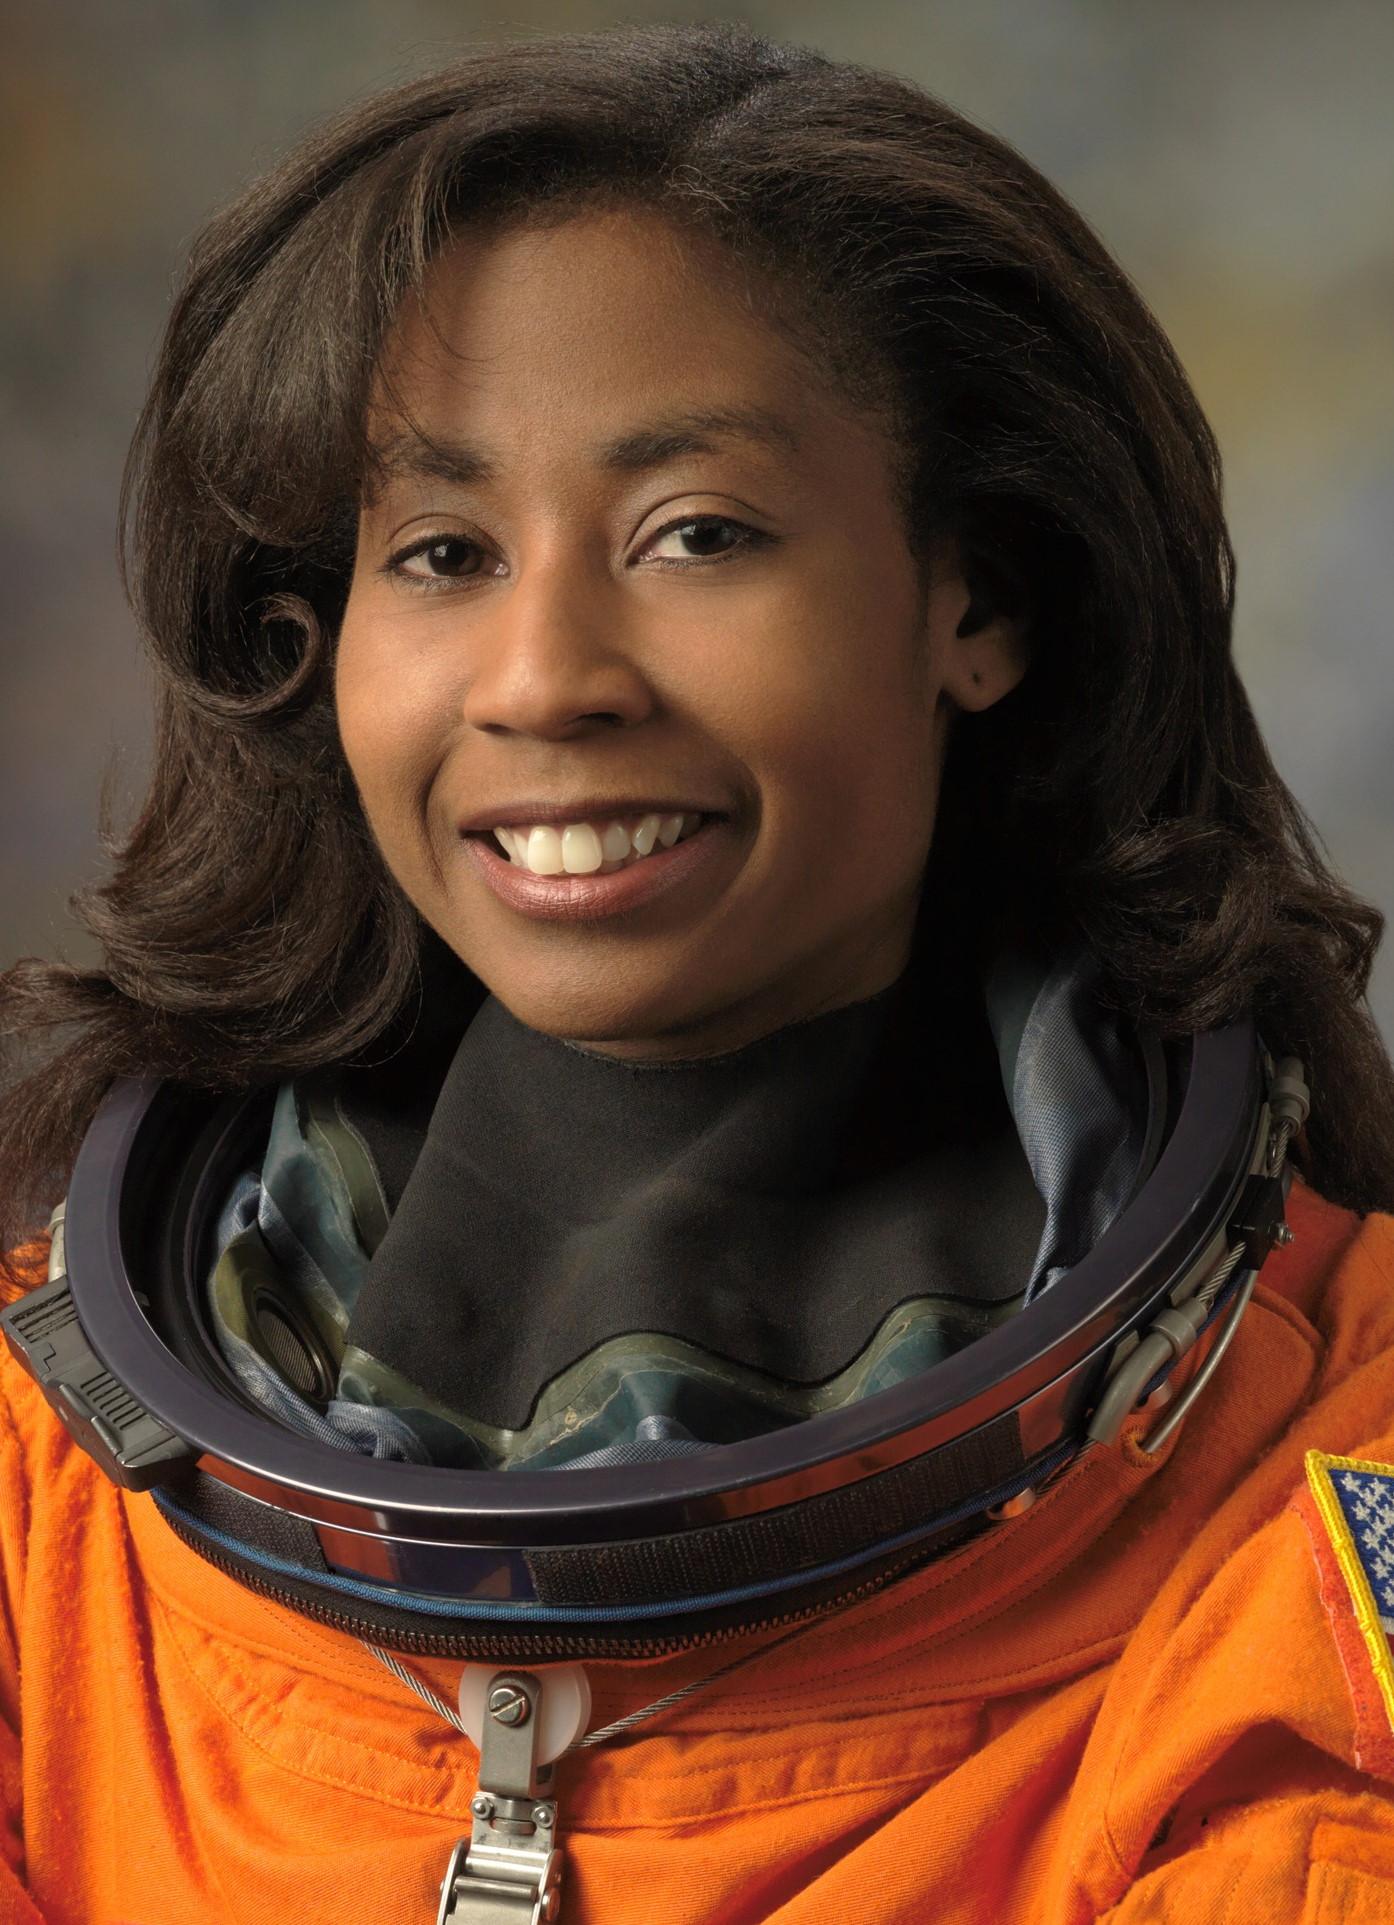 stephanie wilson astronaut -#main